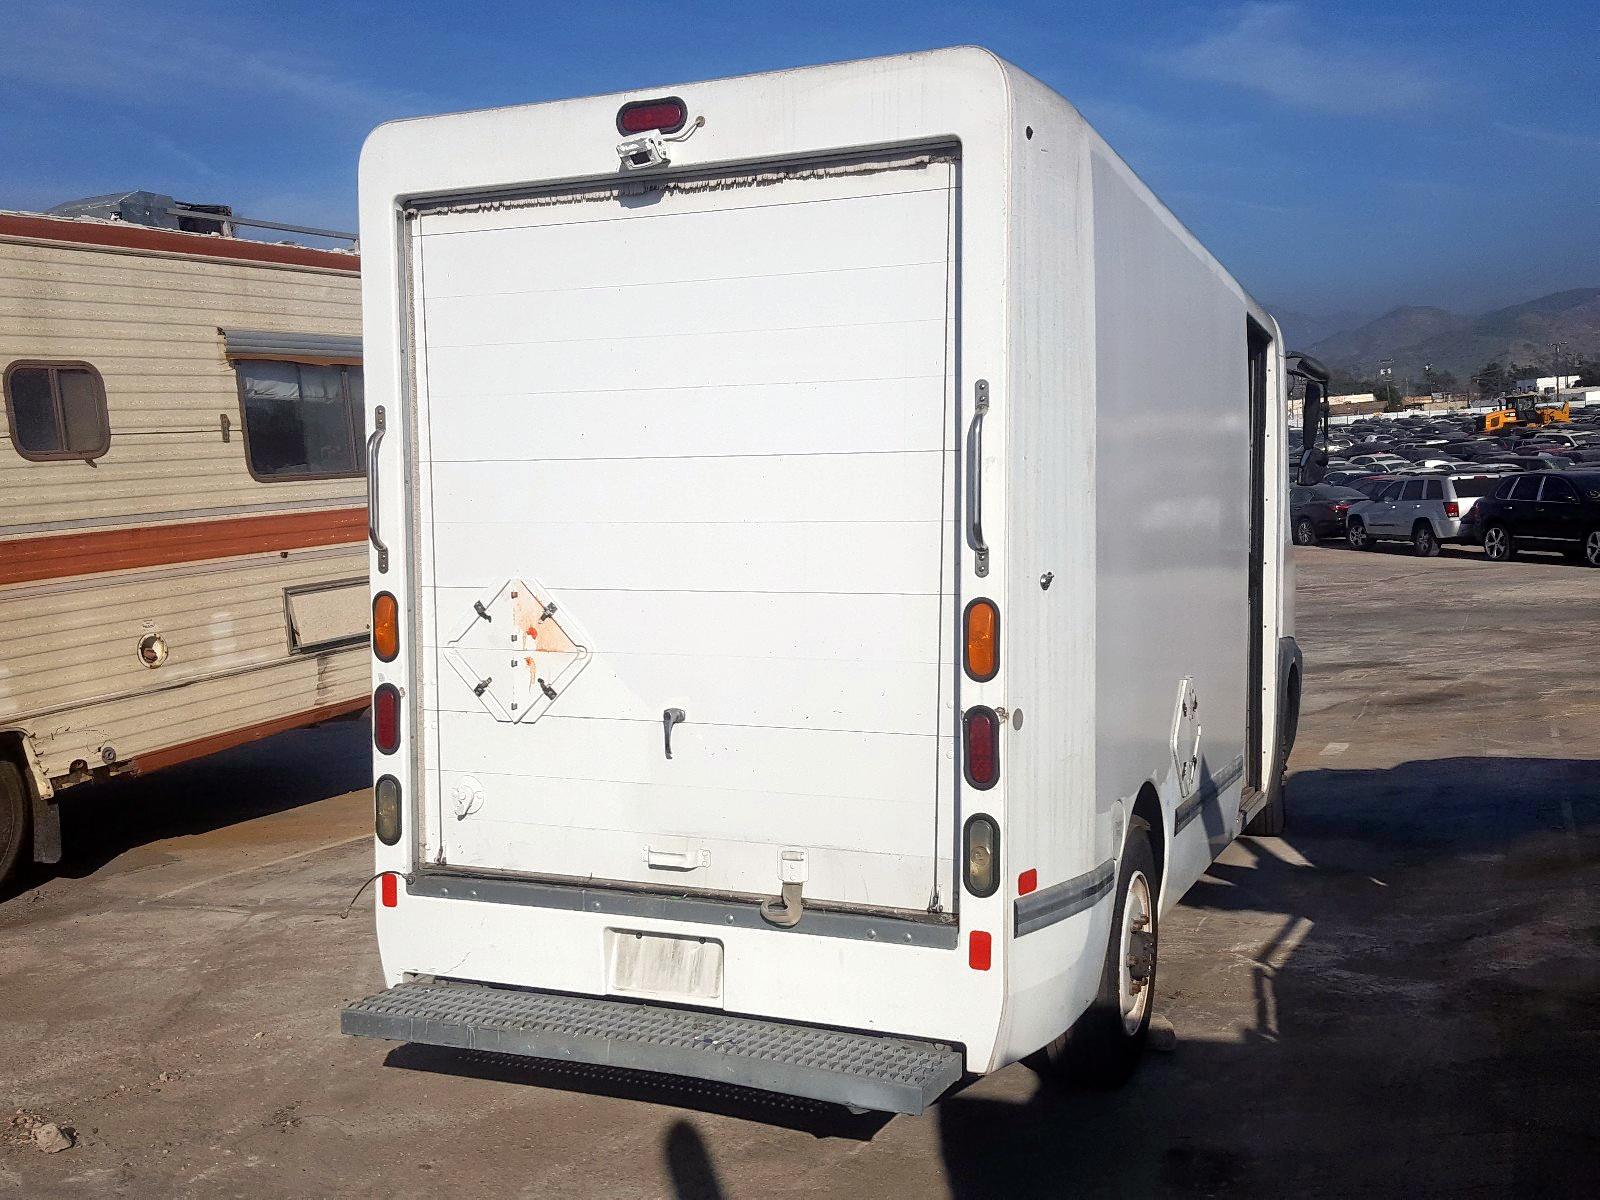 52UJTE1F0BP696578 - 2011 International Estar rear view